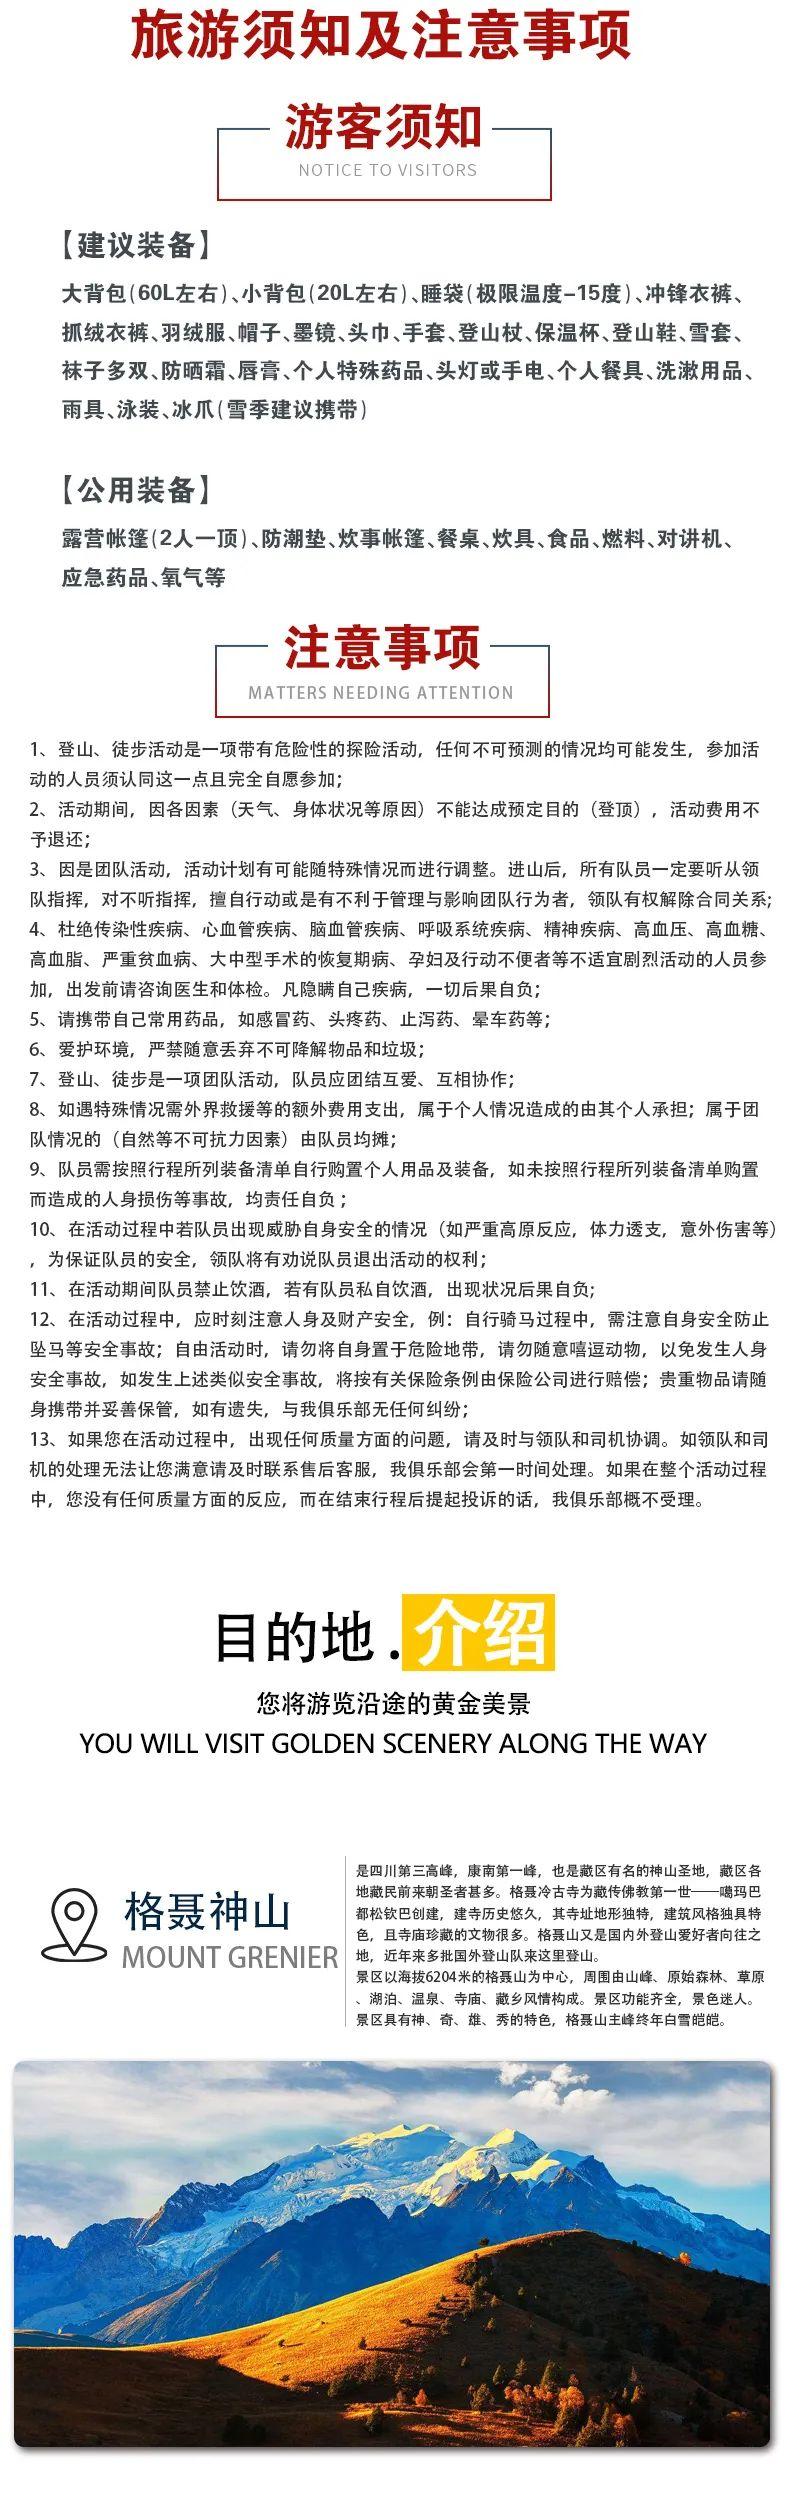 (11)2020【格聂转山】沉睡的雪莲+格聂大环线徒步穿越11日游-户外活动图-驼铃网